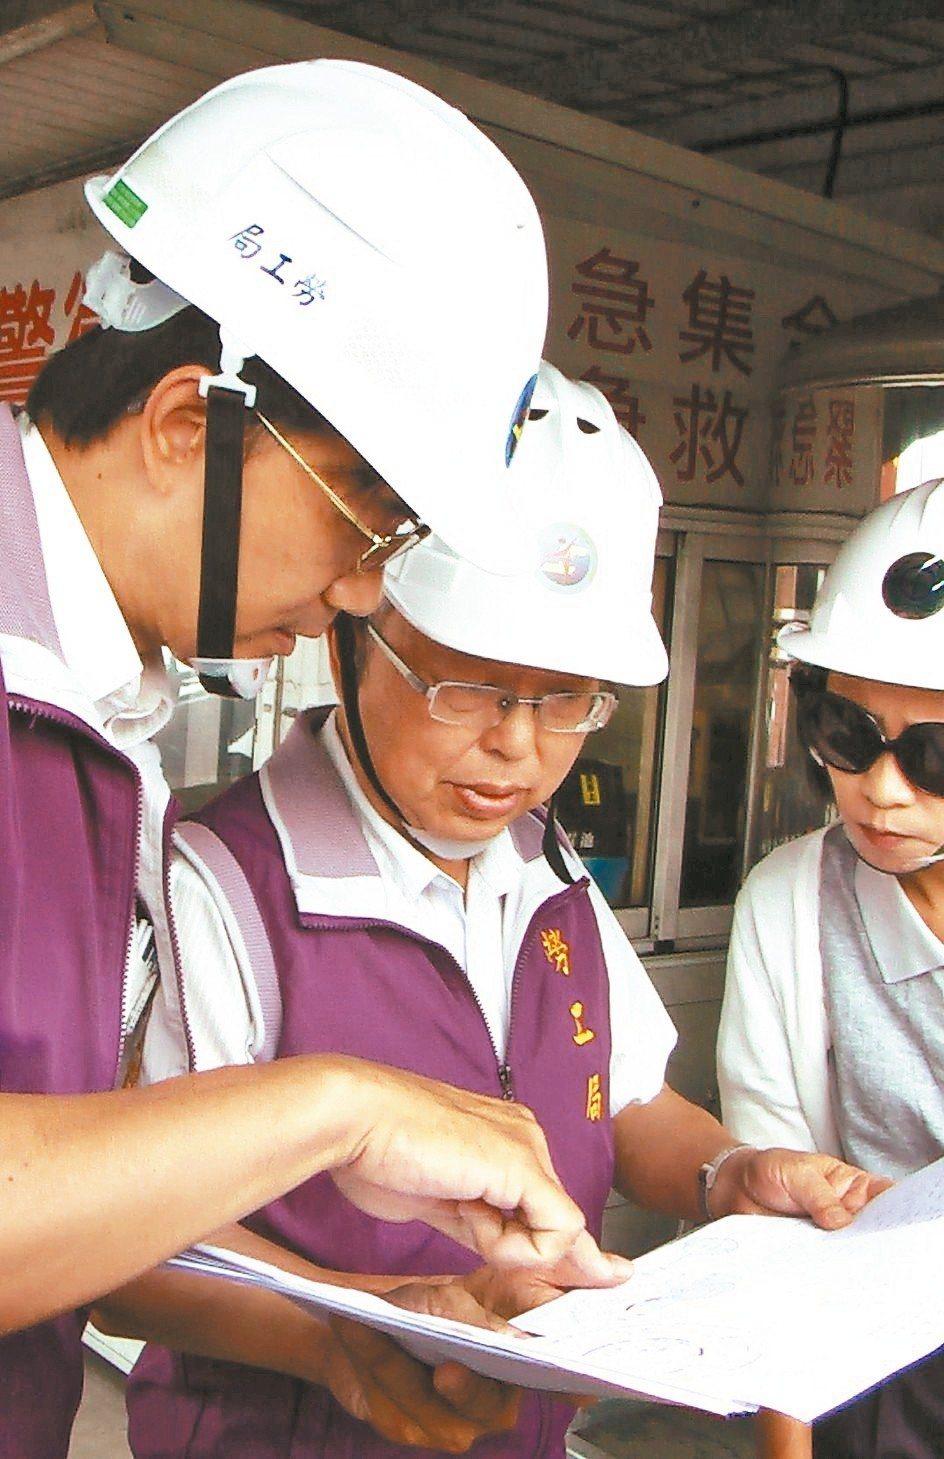 勞工局示意圖,非新聞當事人。 記者徐如宜/攝影